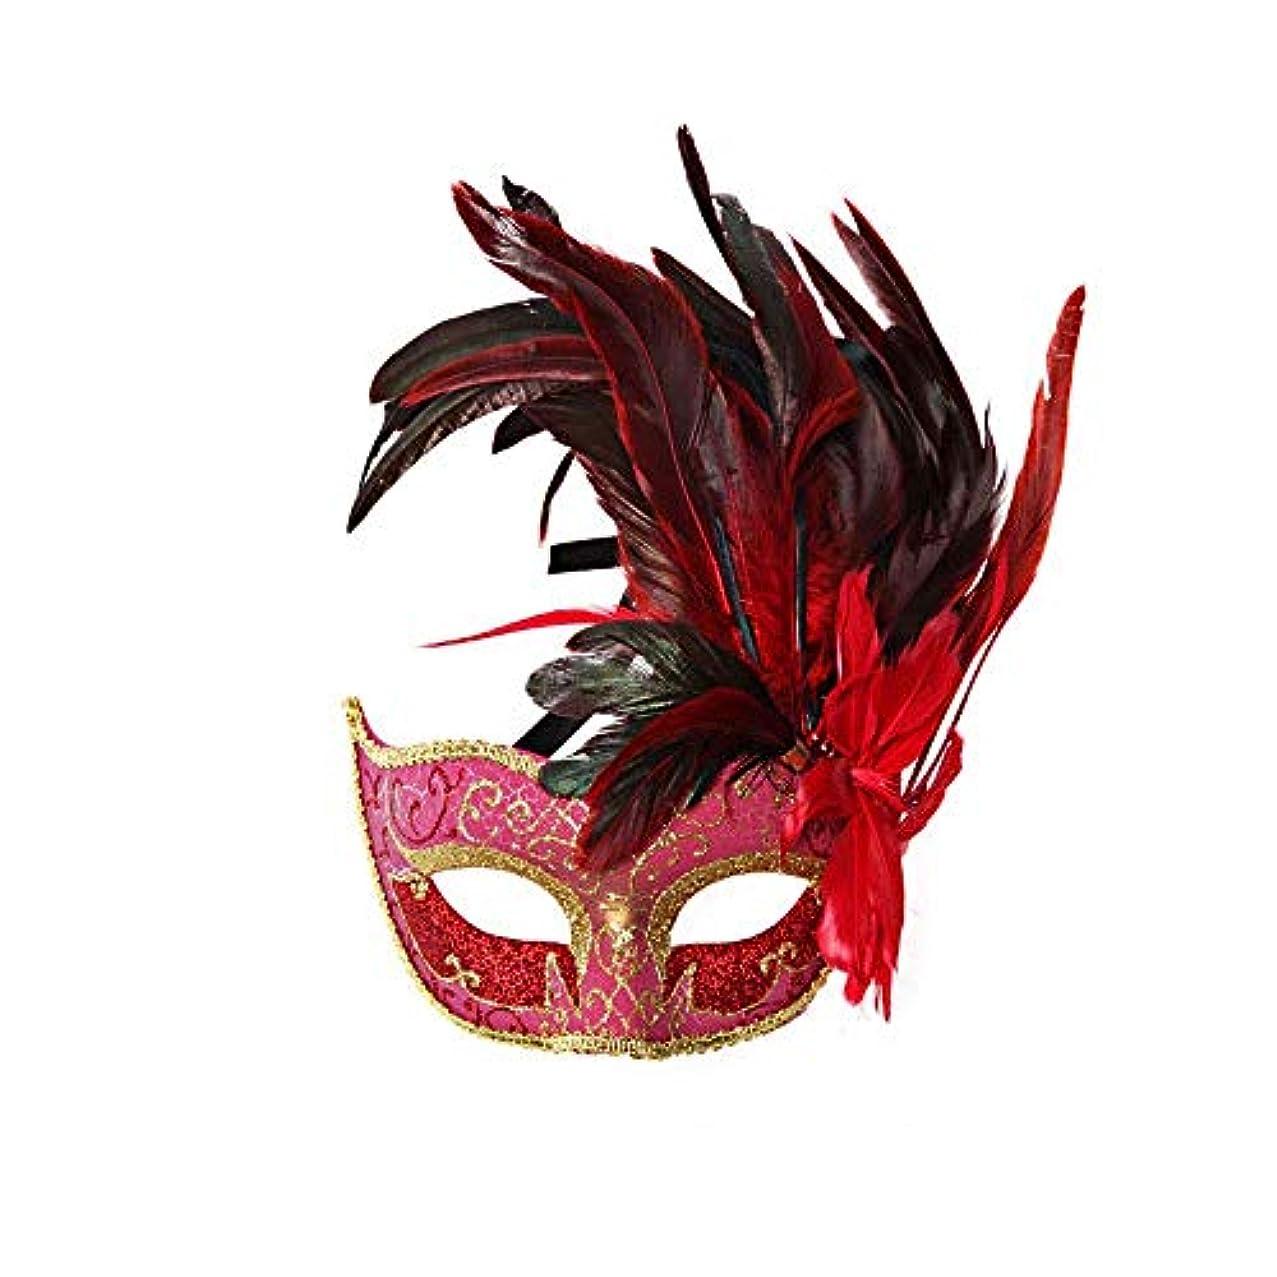 葉巻ロビーマインドフルNanle ハロウィンマスクハーフフェザーマスクベニスプリンセスマスク美容レース仮面ライダーコスプレ (色 : Style A red)